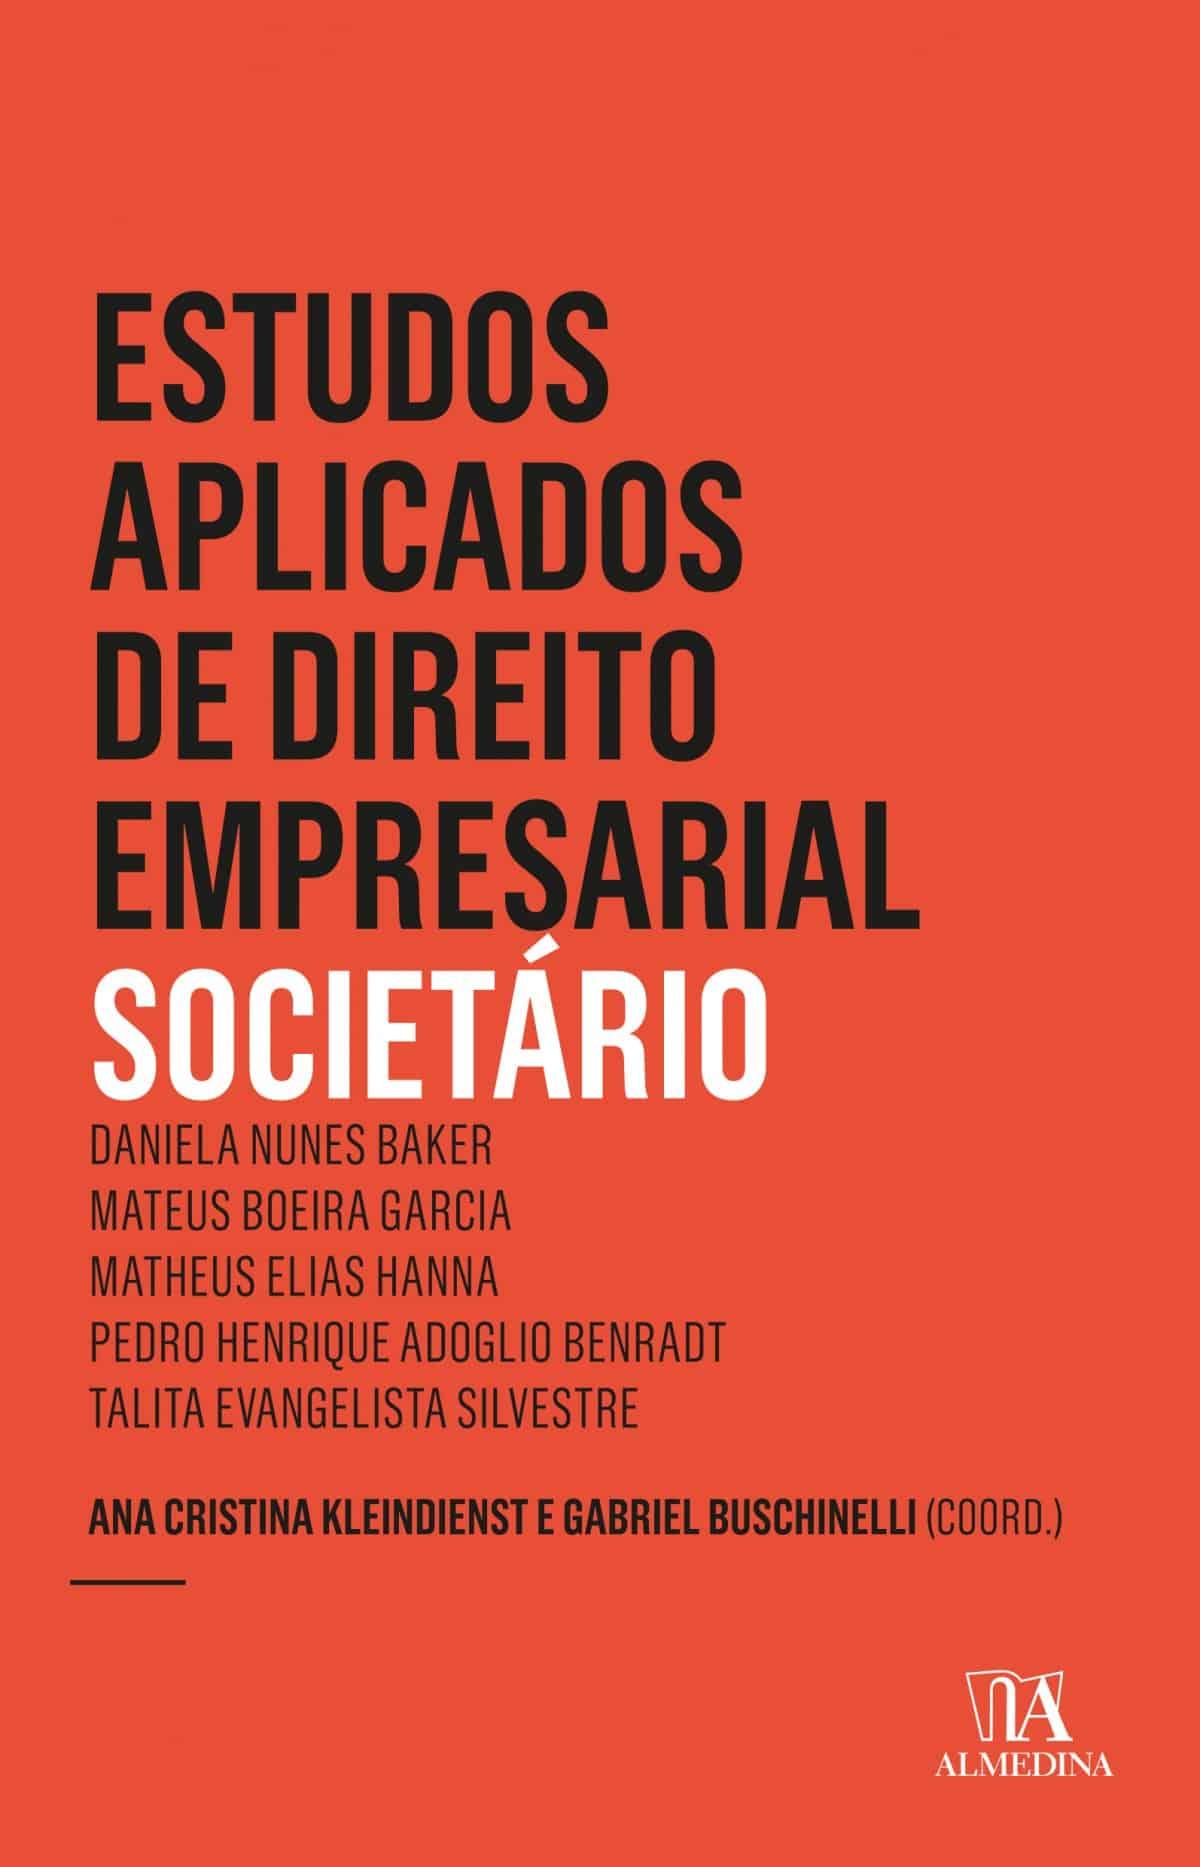 Foto 1 - Estudos Aplicados de Direito Empresarial Societário